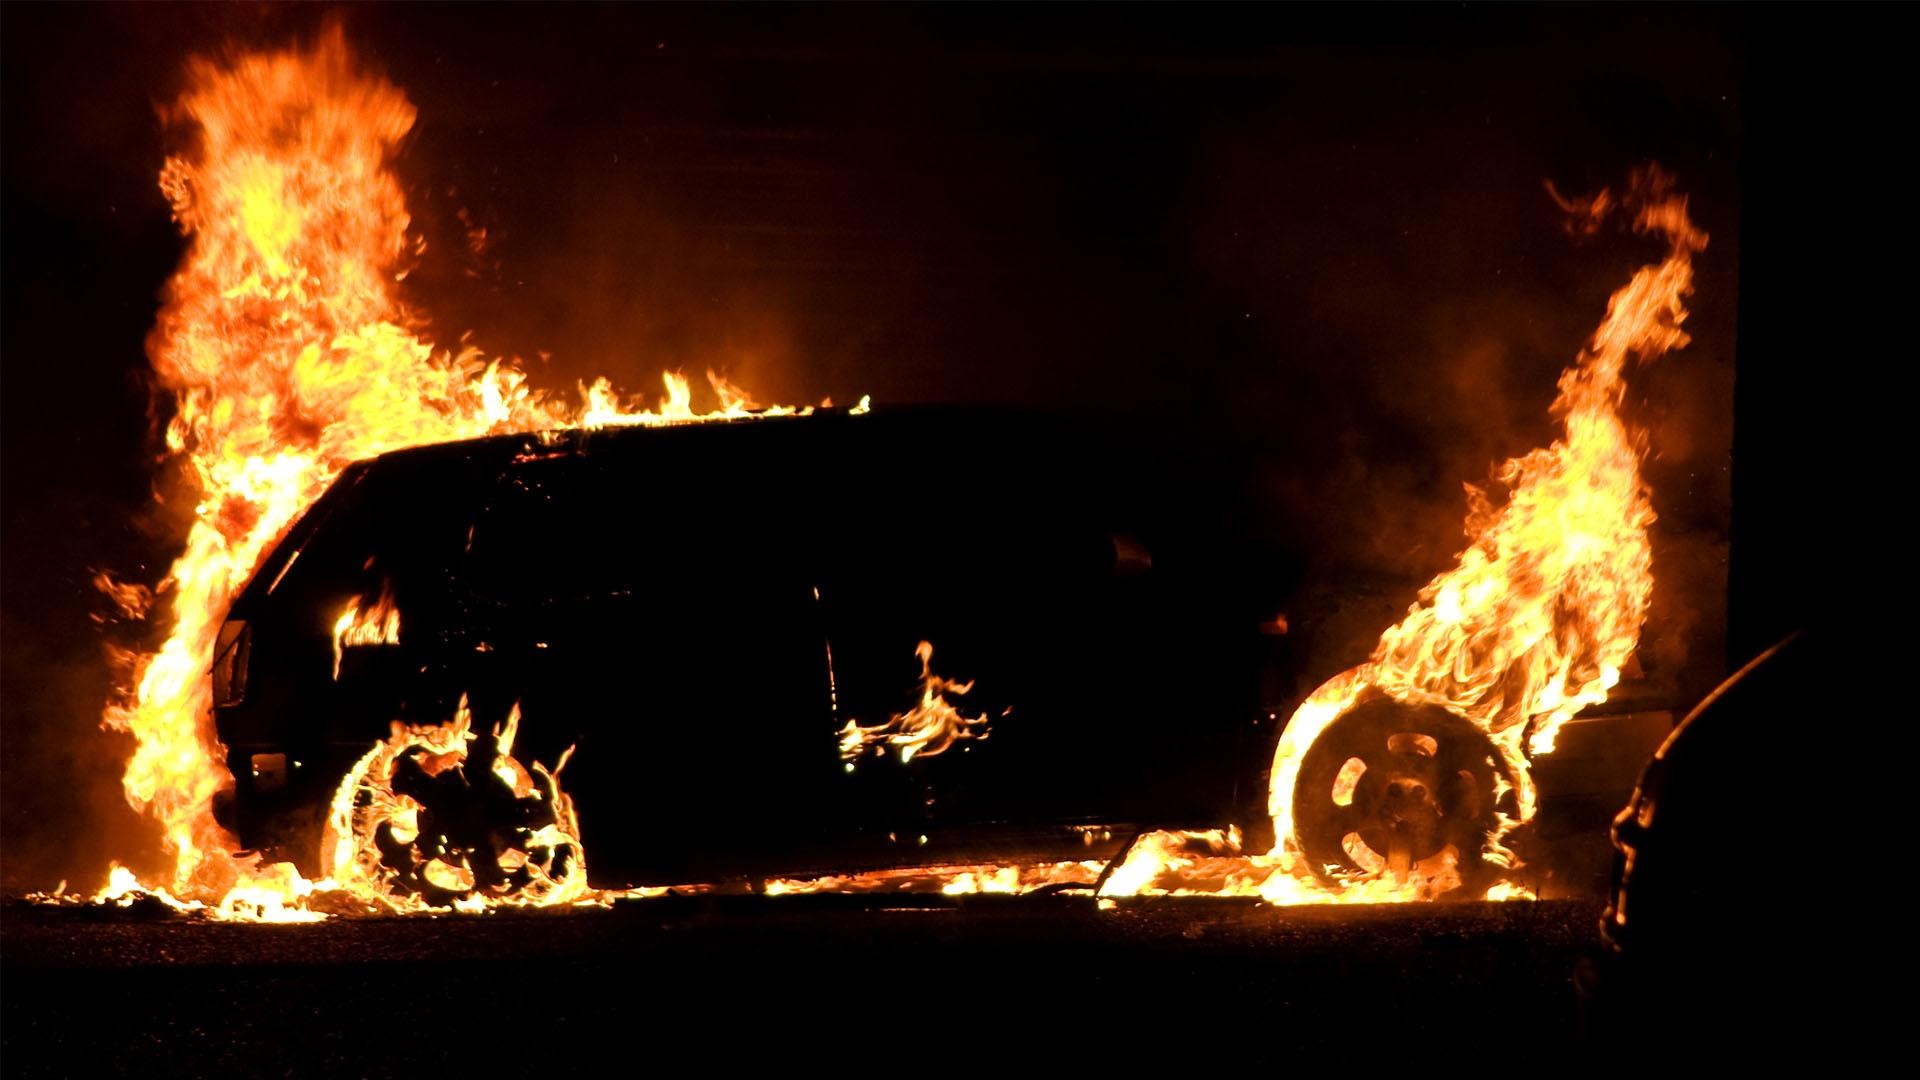 car vw golf on fire 1920x1080 14 hd Best HD Fire Desktop Wallpapers 1920x1080